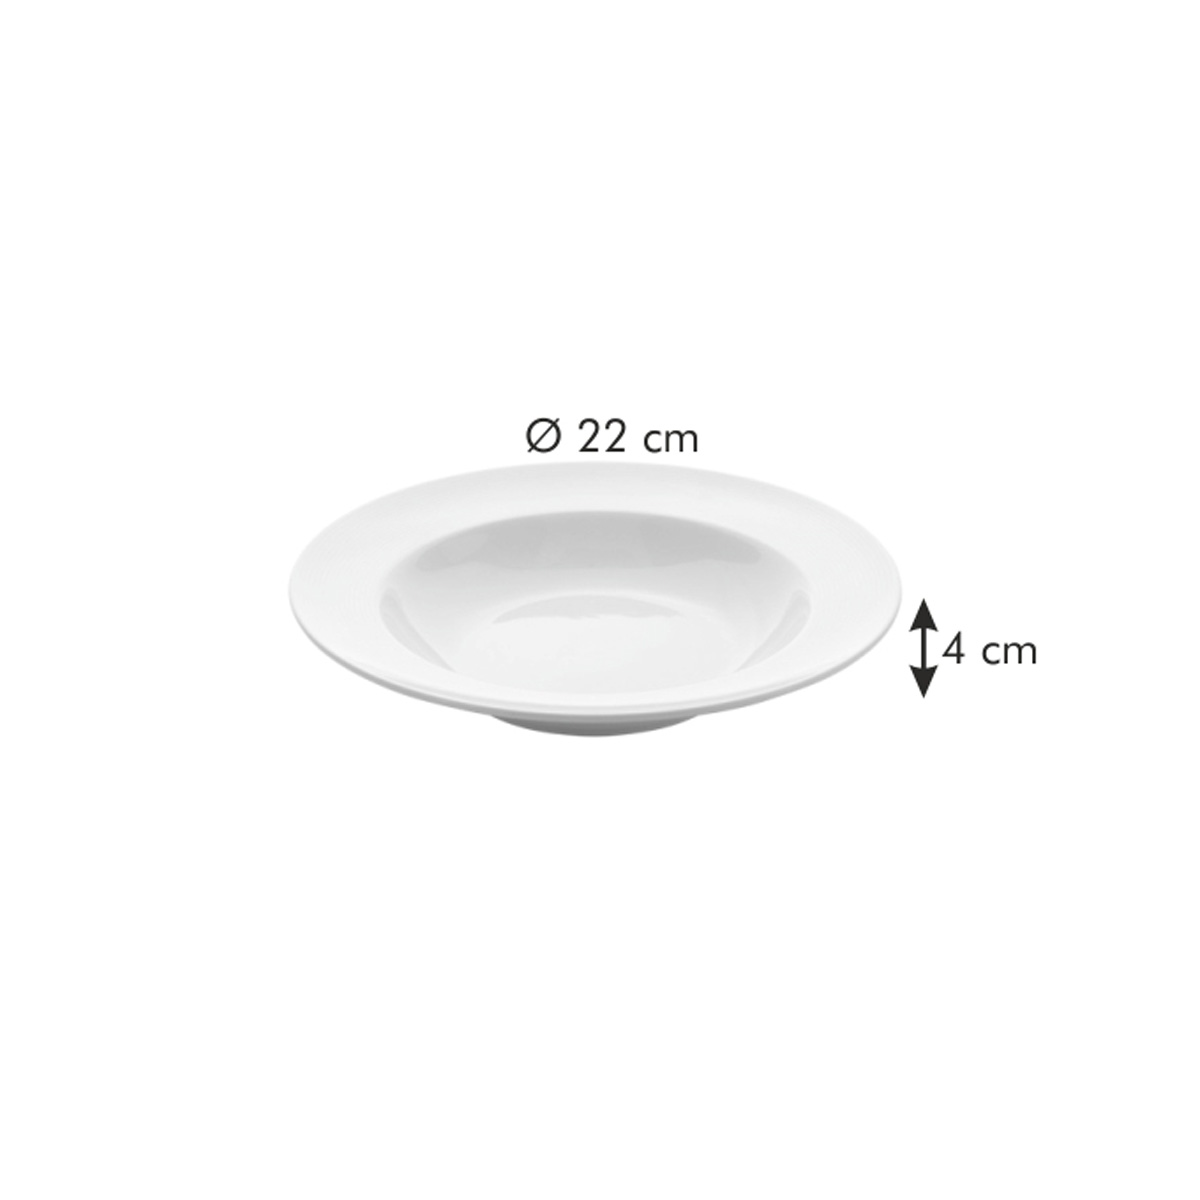 Hluboký talíř OPUS STRIPES  ø 22 cm